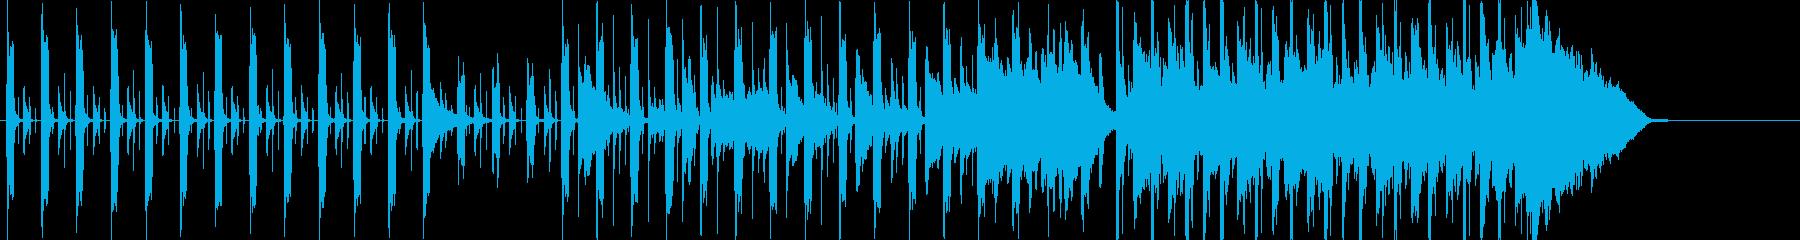 浮遊感のあるエレクトロニカの再生済みの波形